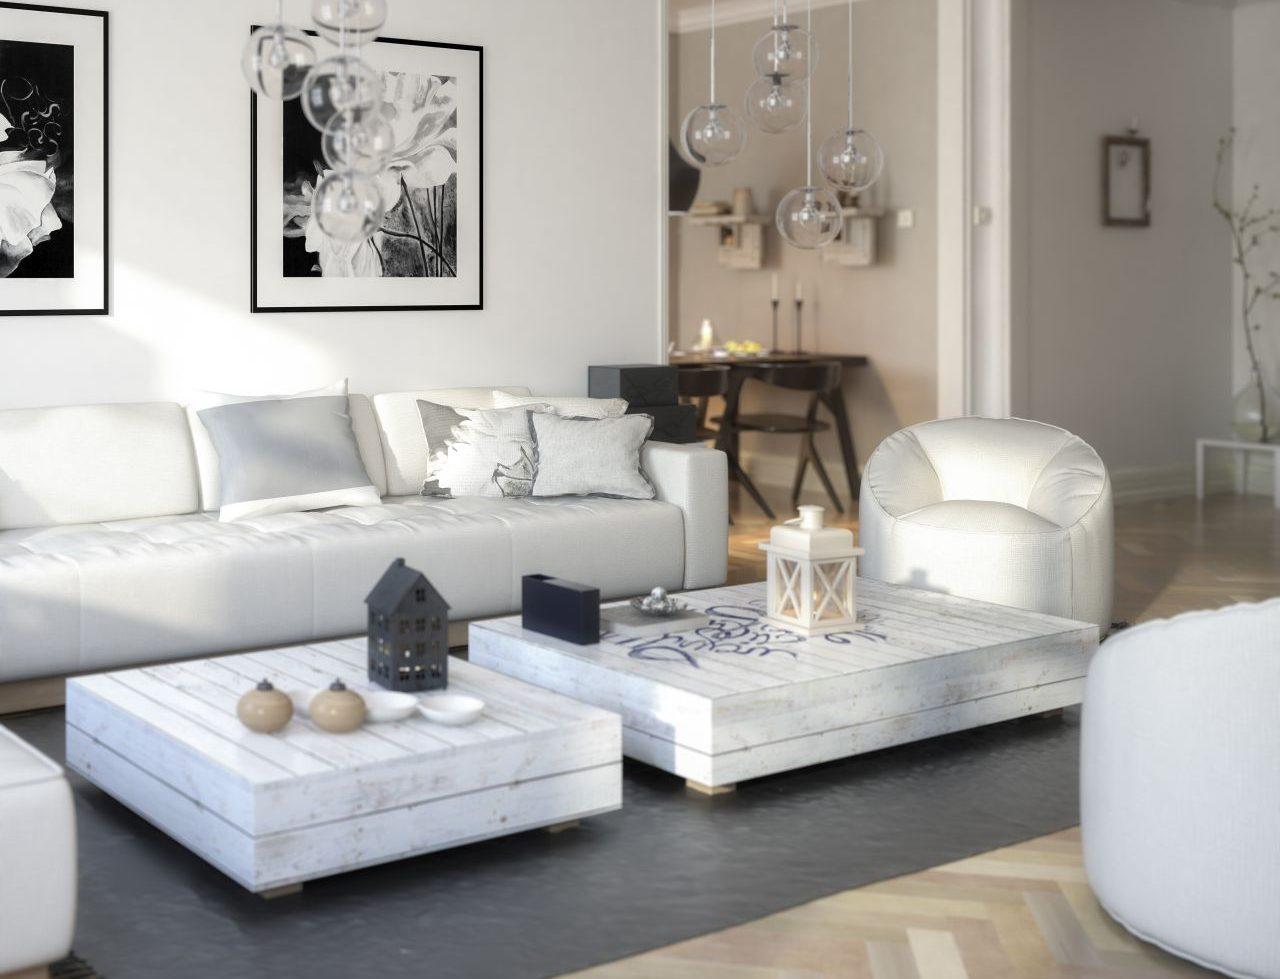 Jak w prosty sposób uatrakcyjnić wnętrze mieszkania?